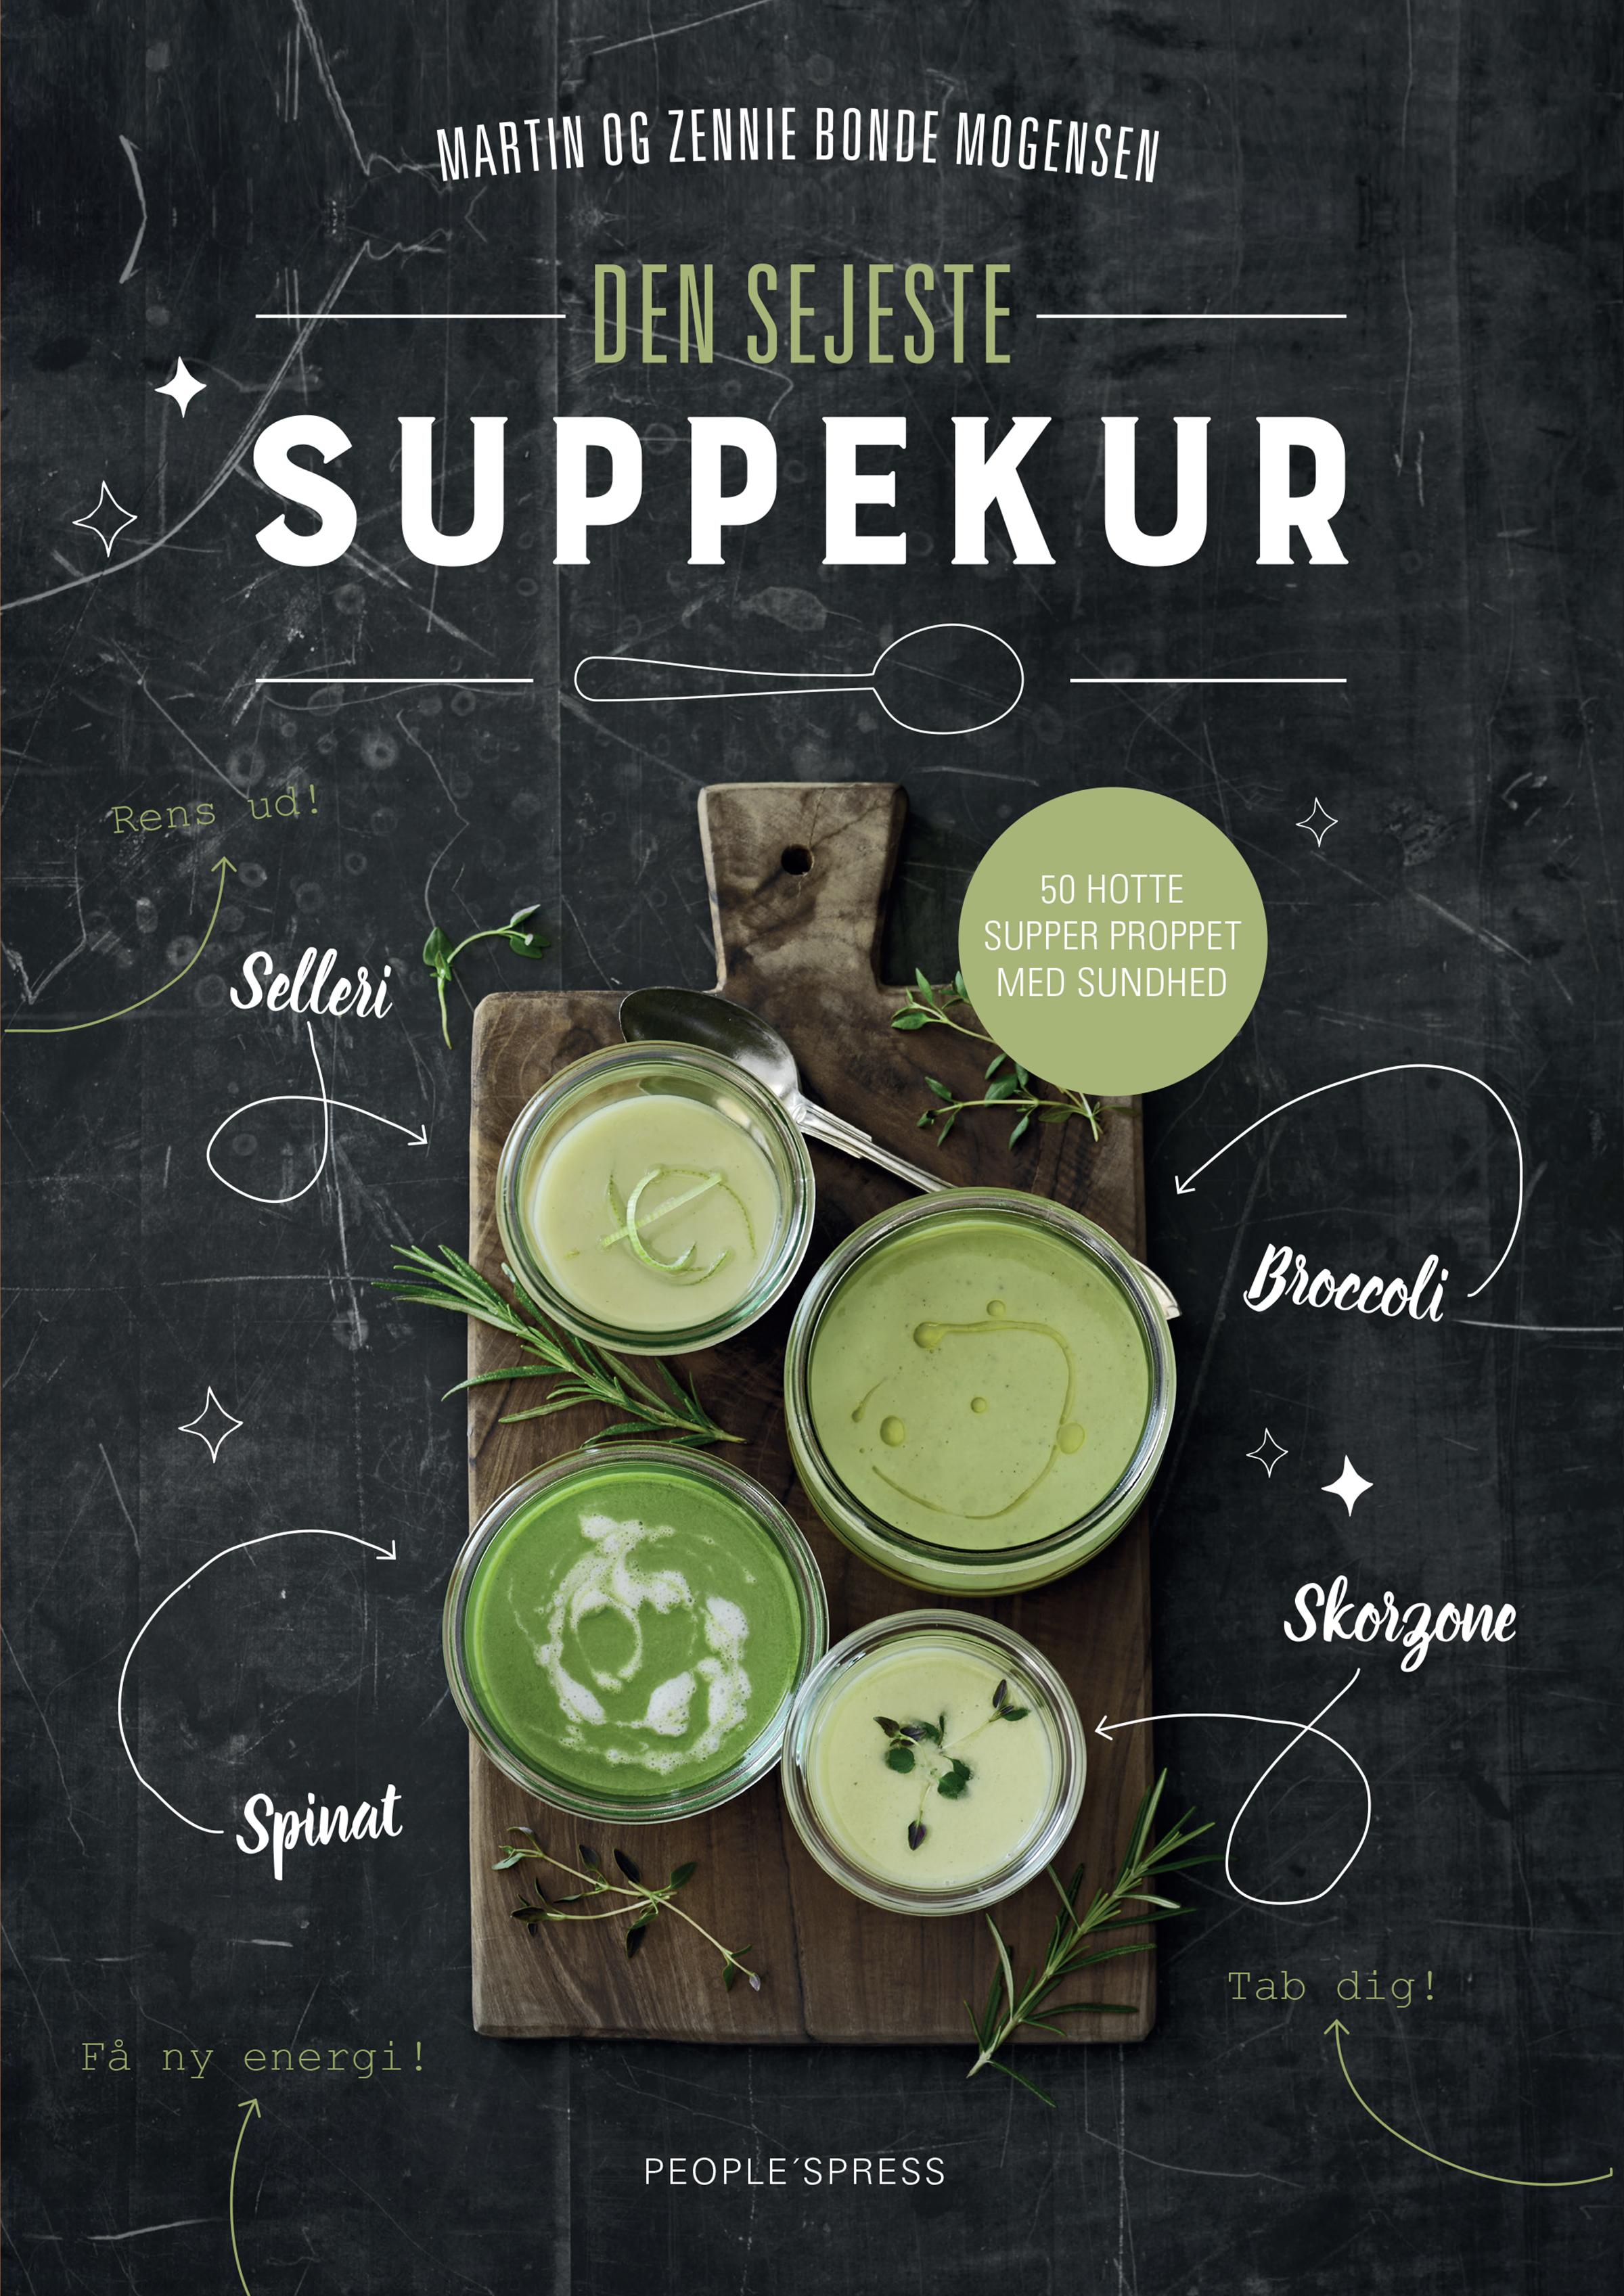 Den sejeste suppekur - e-bog fra N/A på bog & mystik